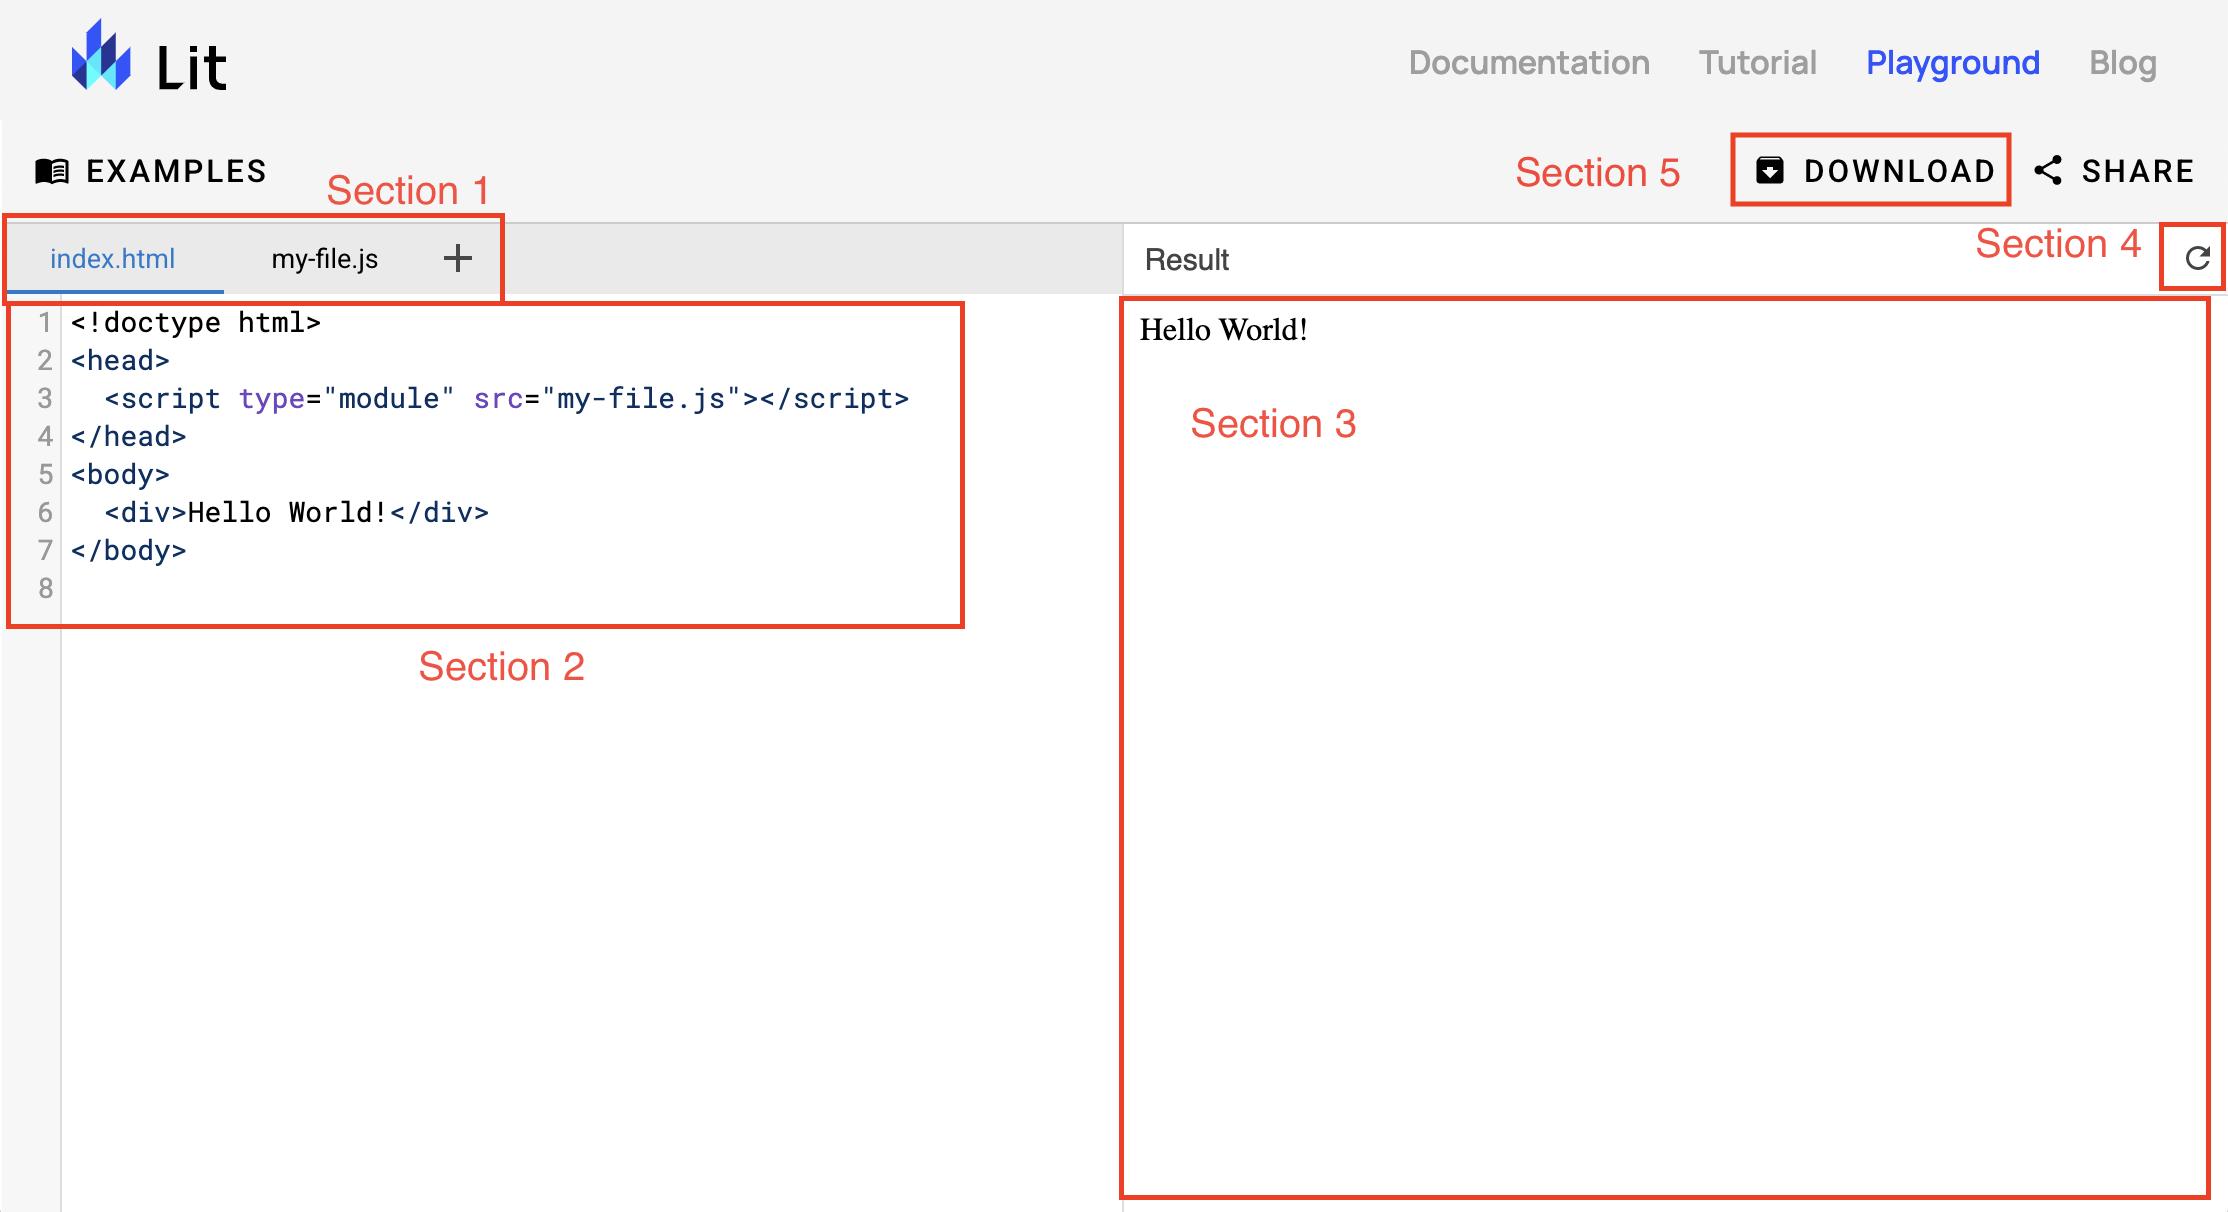 파일 선택기 탭바는 Section 1, 코드 수정 섹션은 Section 2, 출력 미리보기는 Section 3, 미리보기 새로고침 버튼은 Section 4로 라벨이 지정됩니다.